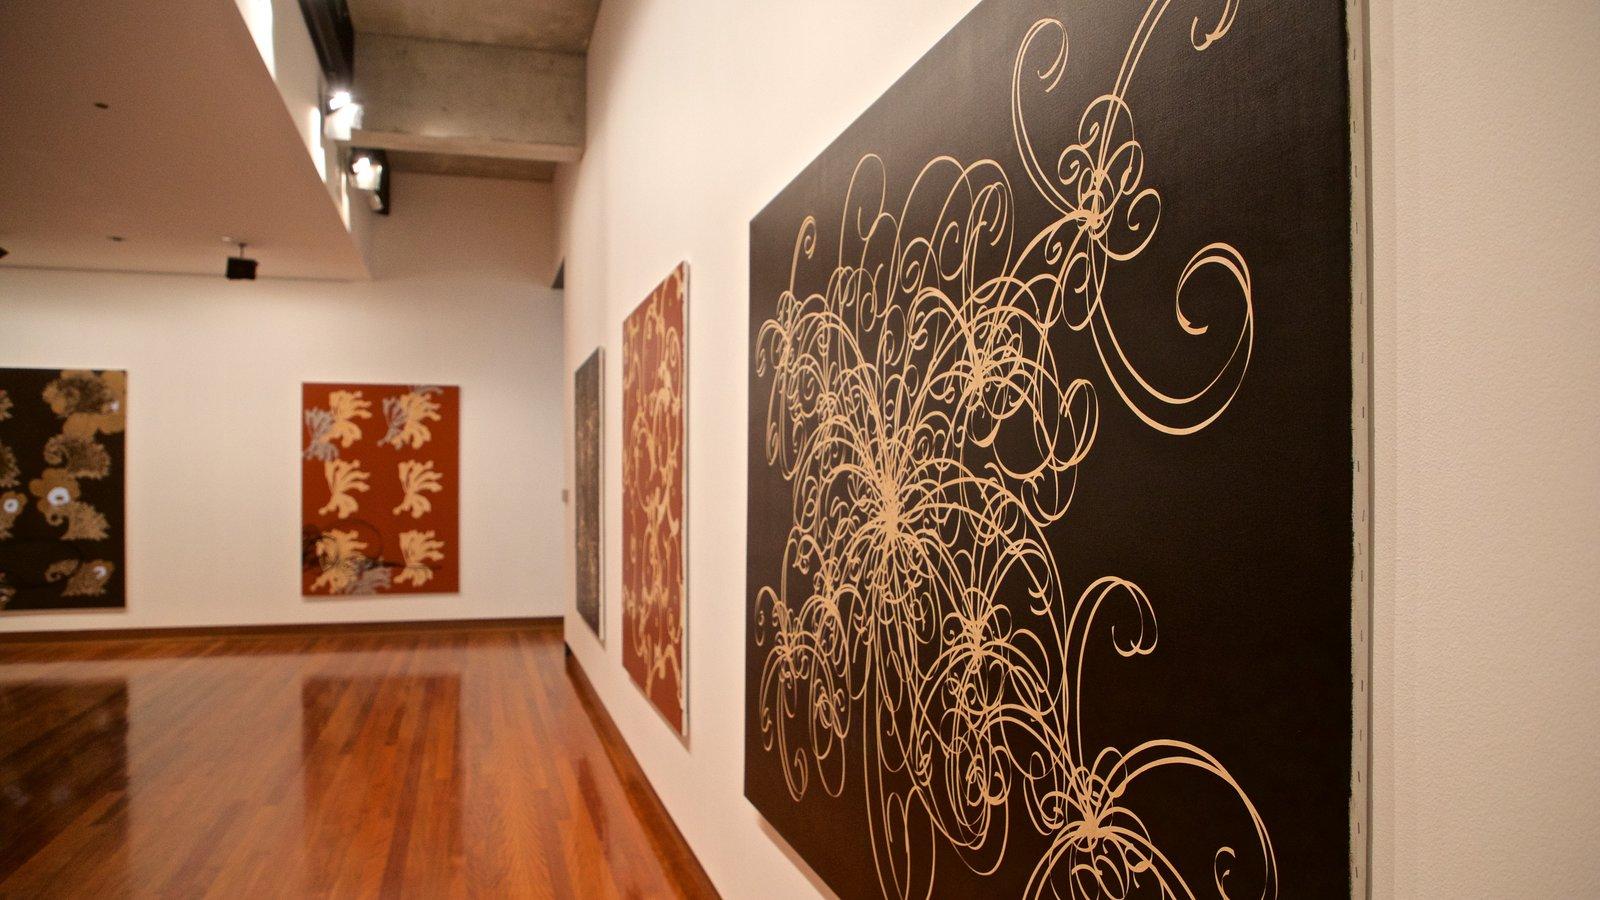 Museo de arte Ian Potter ofreciendo arte y vistas interiores